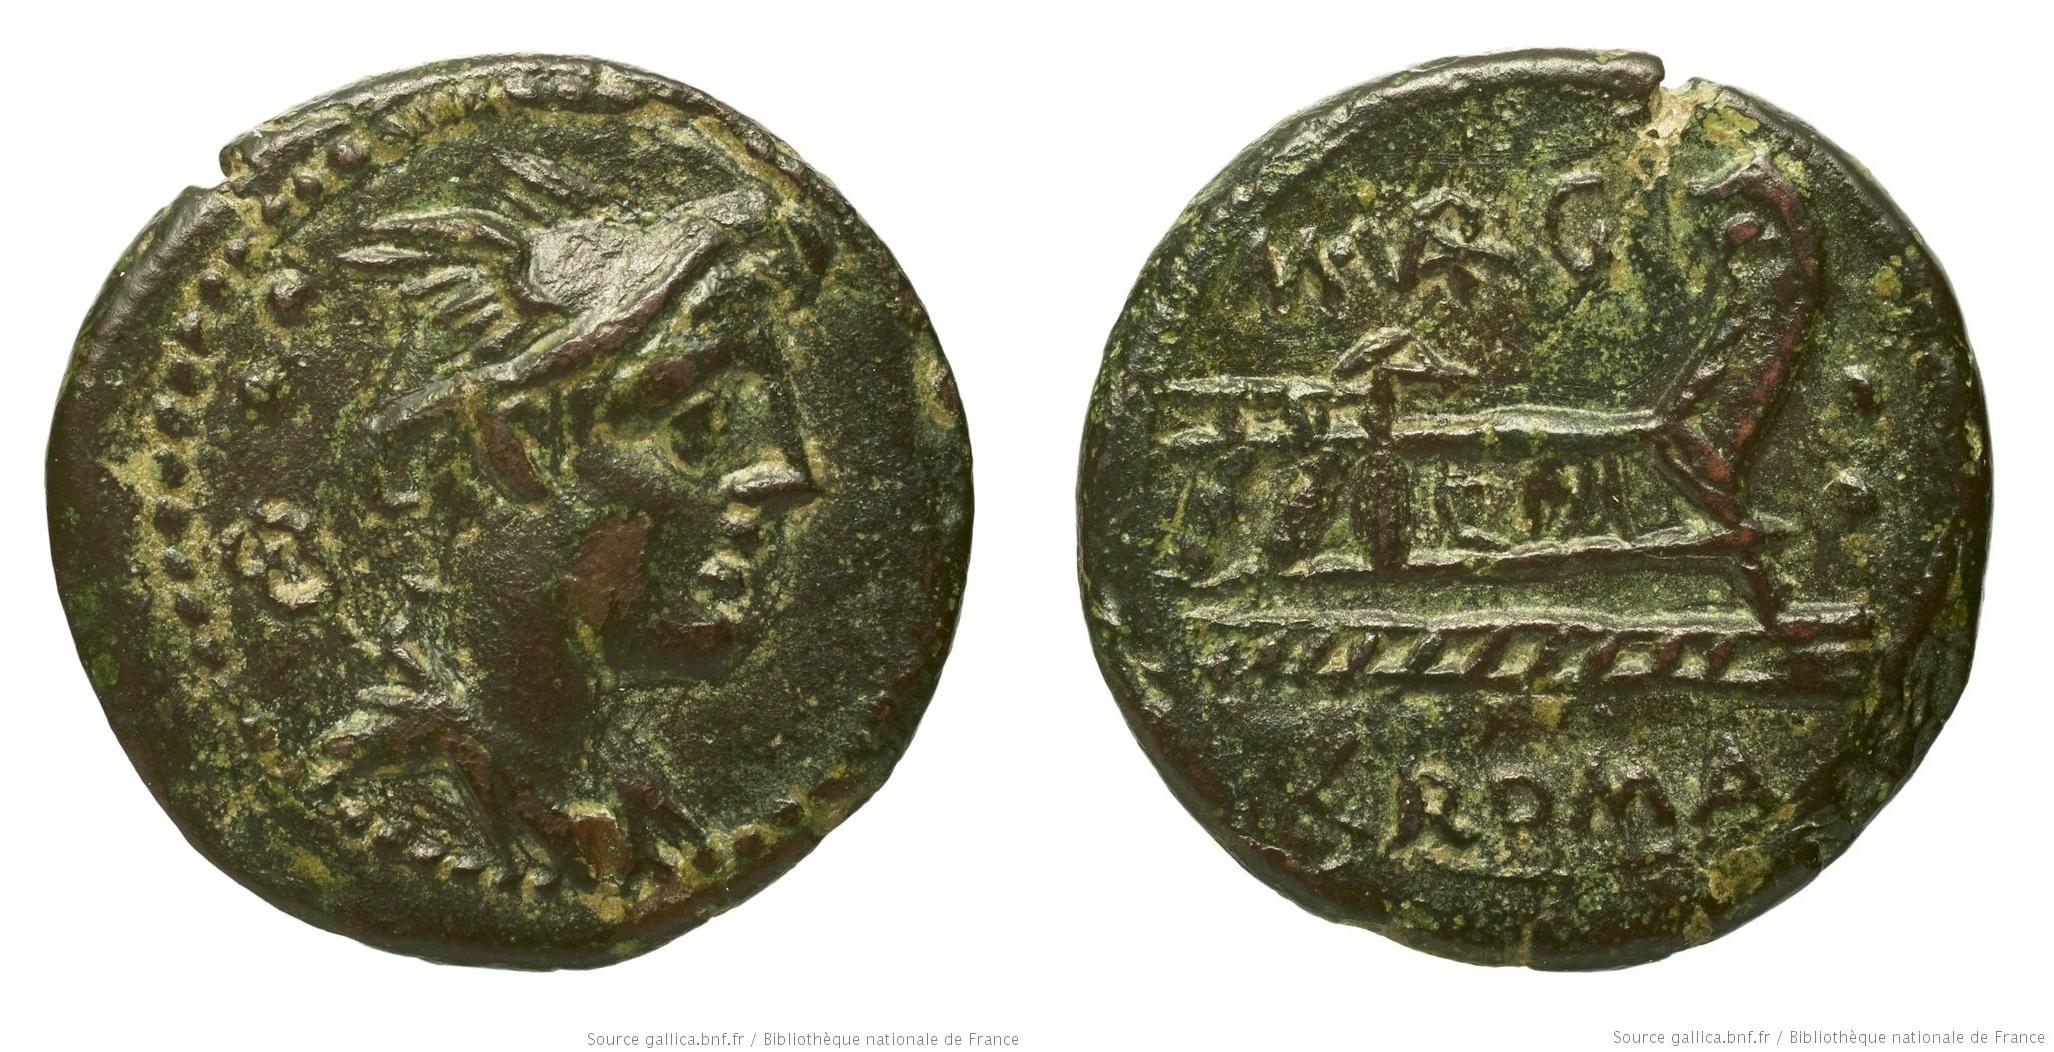 1006VA – Sextans Vargunteia – Marcus Vargunteius